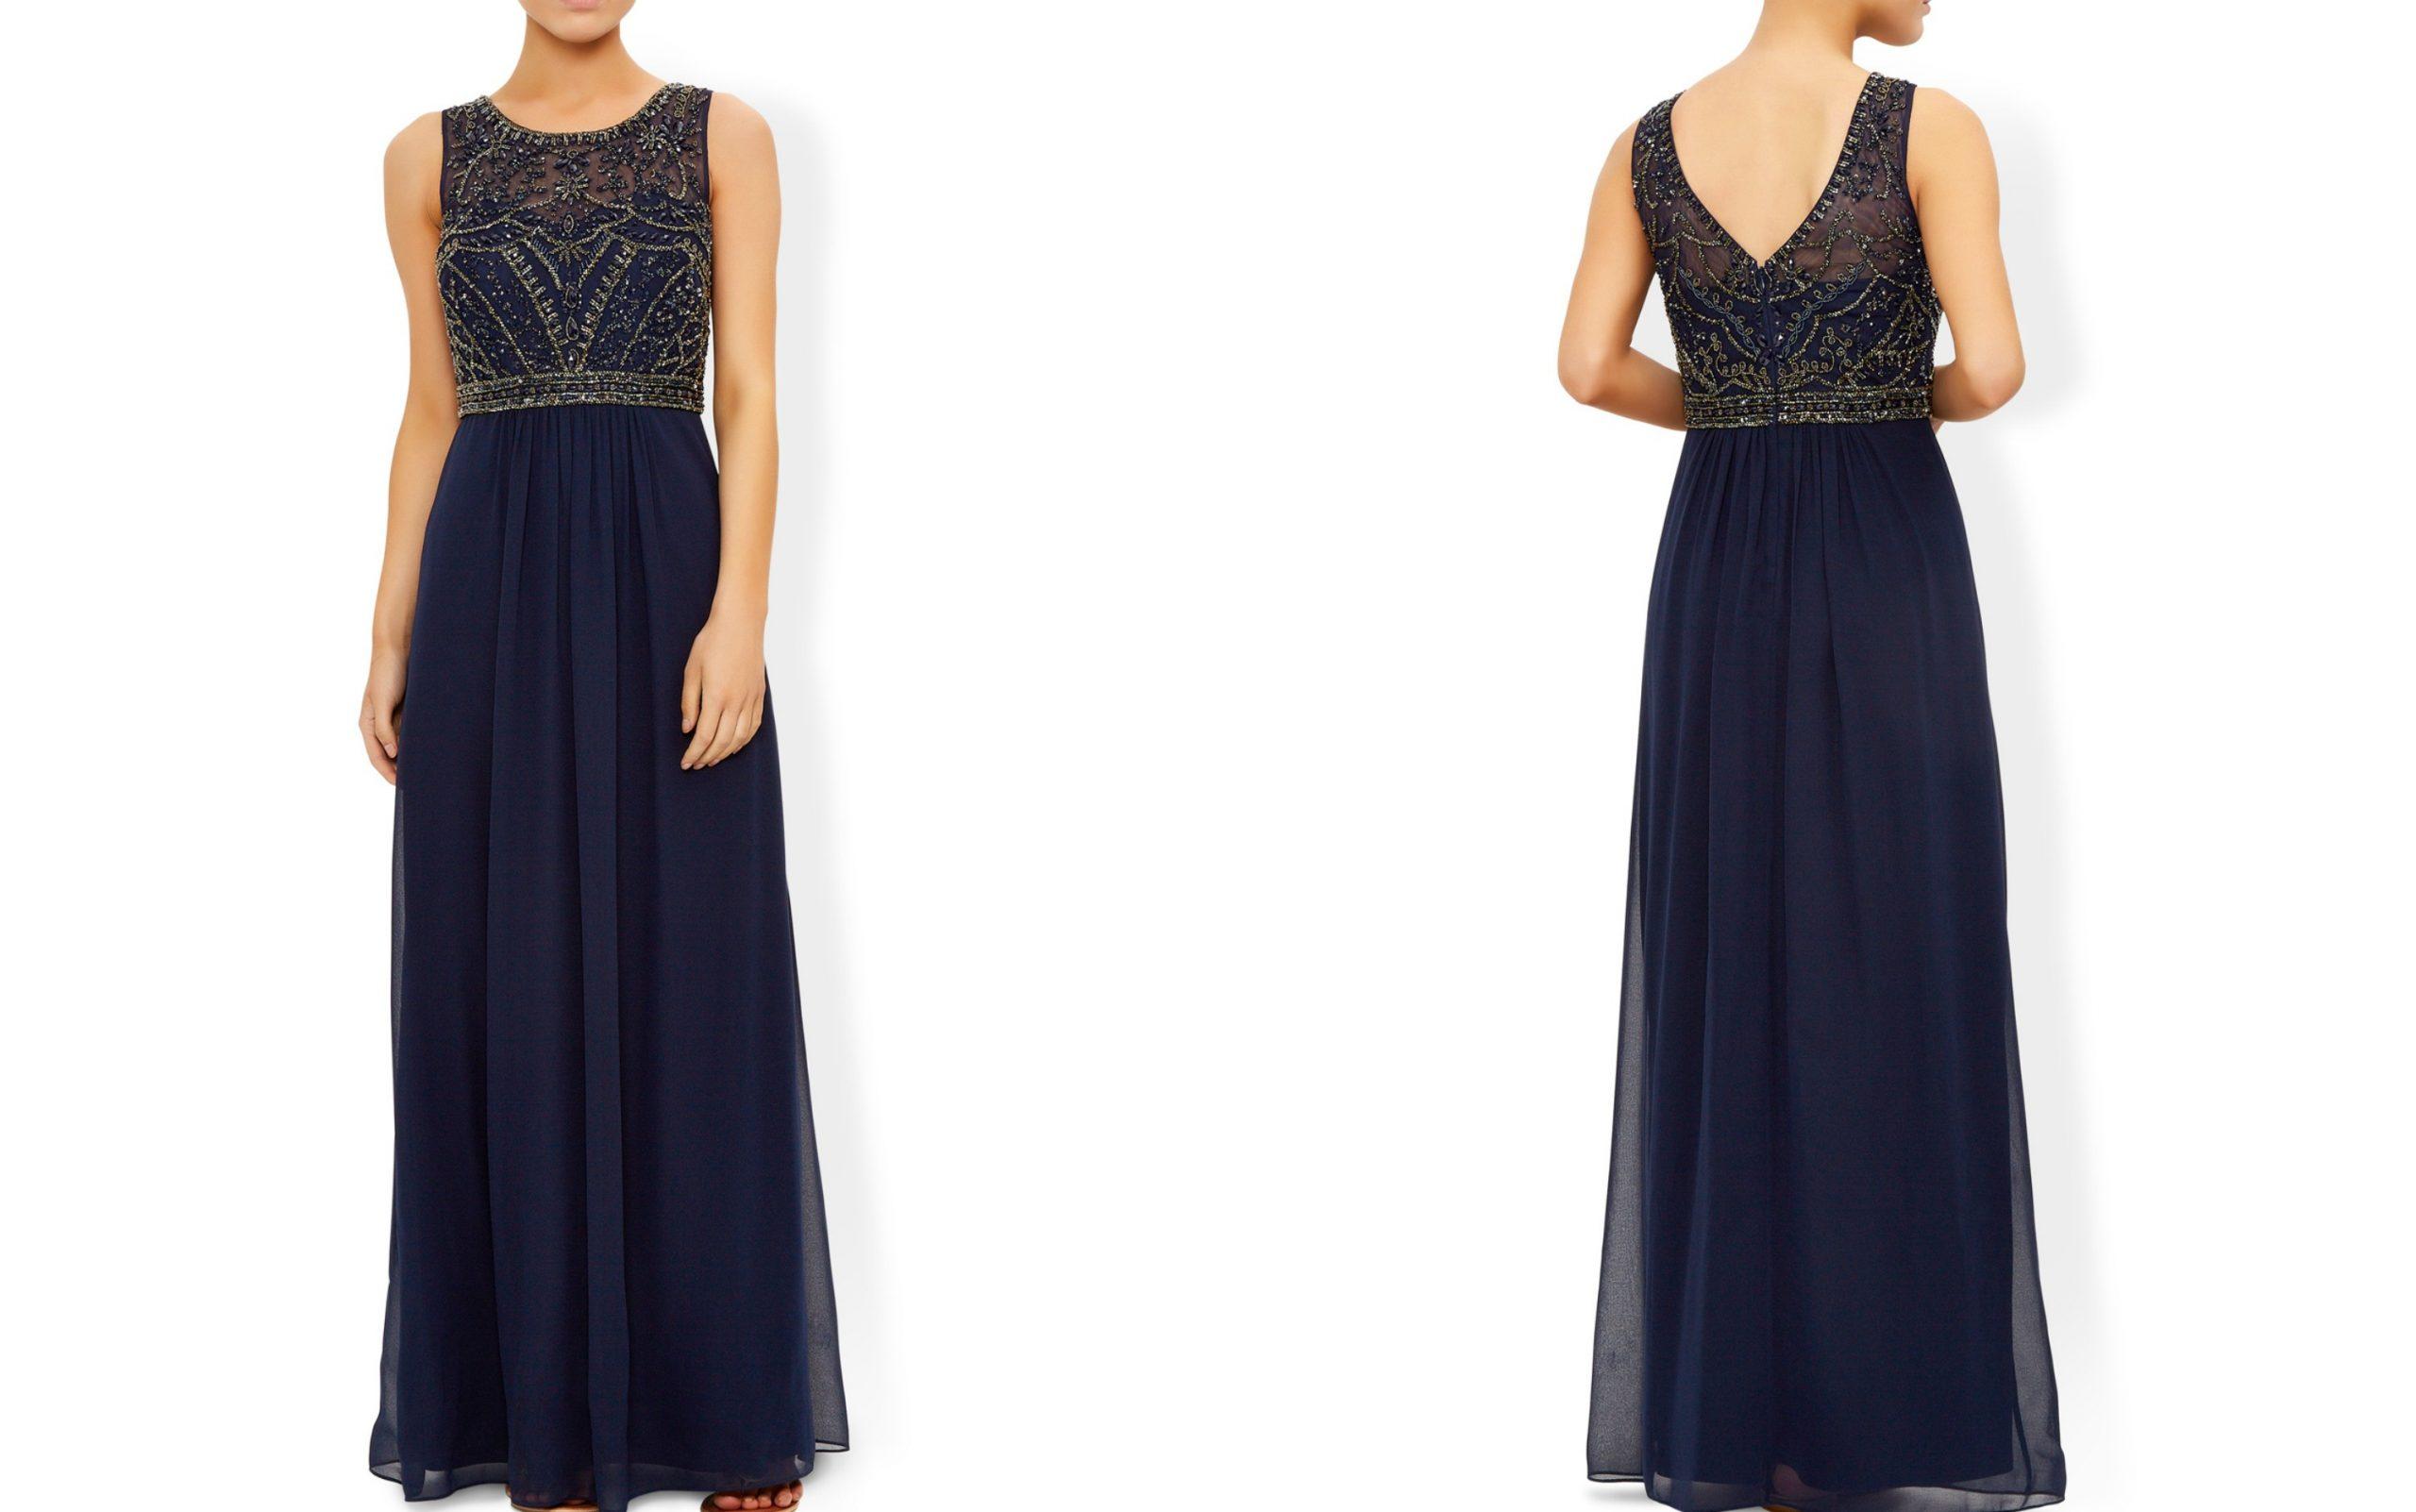 Schön Nachhaltiges Abendkleid Stylish10 Großartig Nachhaltiges Abendkleid Bester Preis